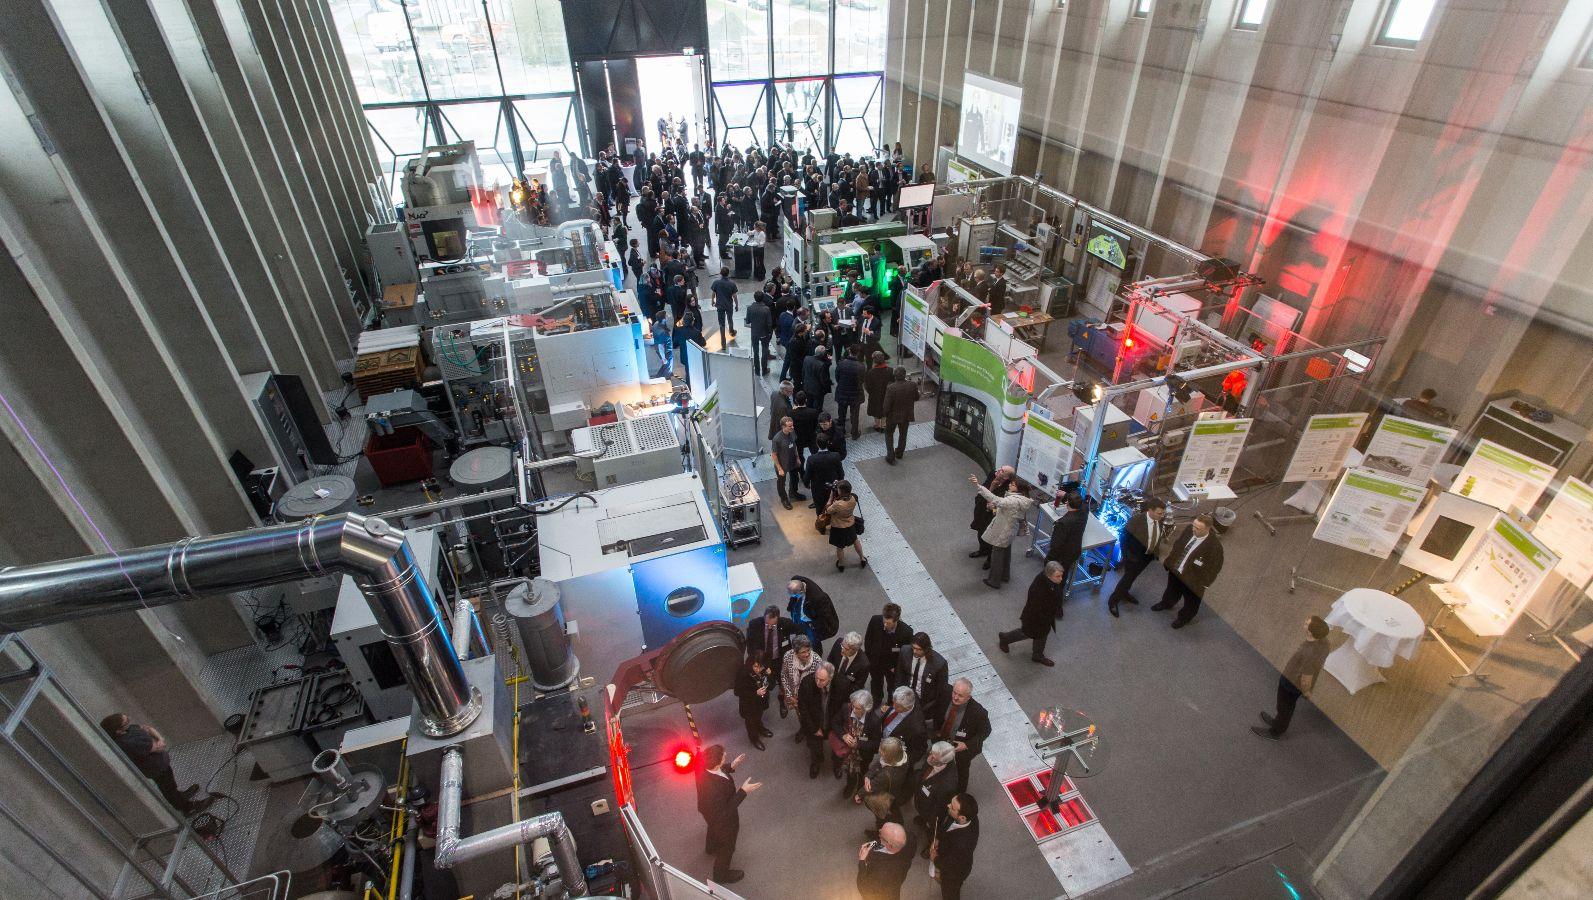 Halle der ETA-Fabrik bei der Einwihungsfeier. BesucherInnen bestaunen die Maschinen in der Forschungsfabrik.